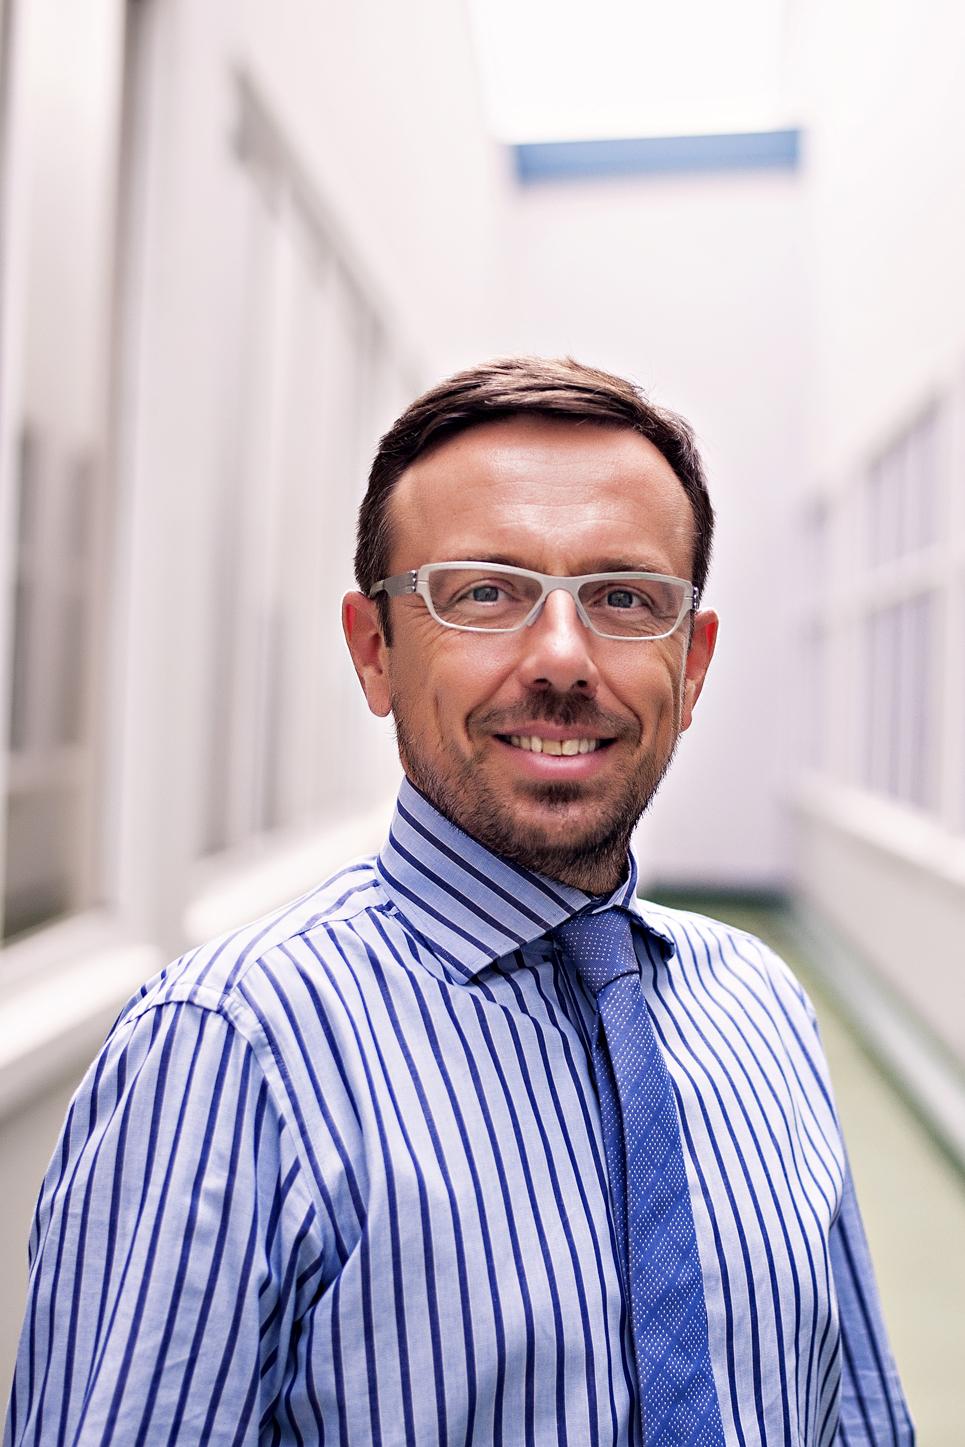 Olivier Guilbert, director comercial de Thales Alenia Space en el sudeste asiático.